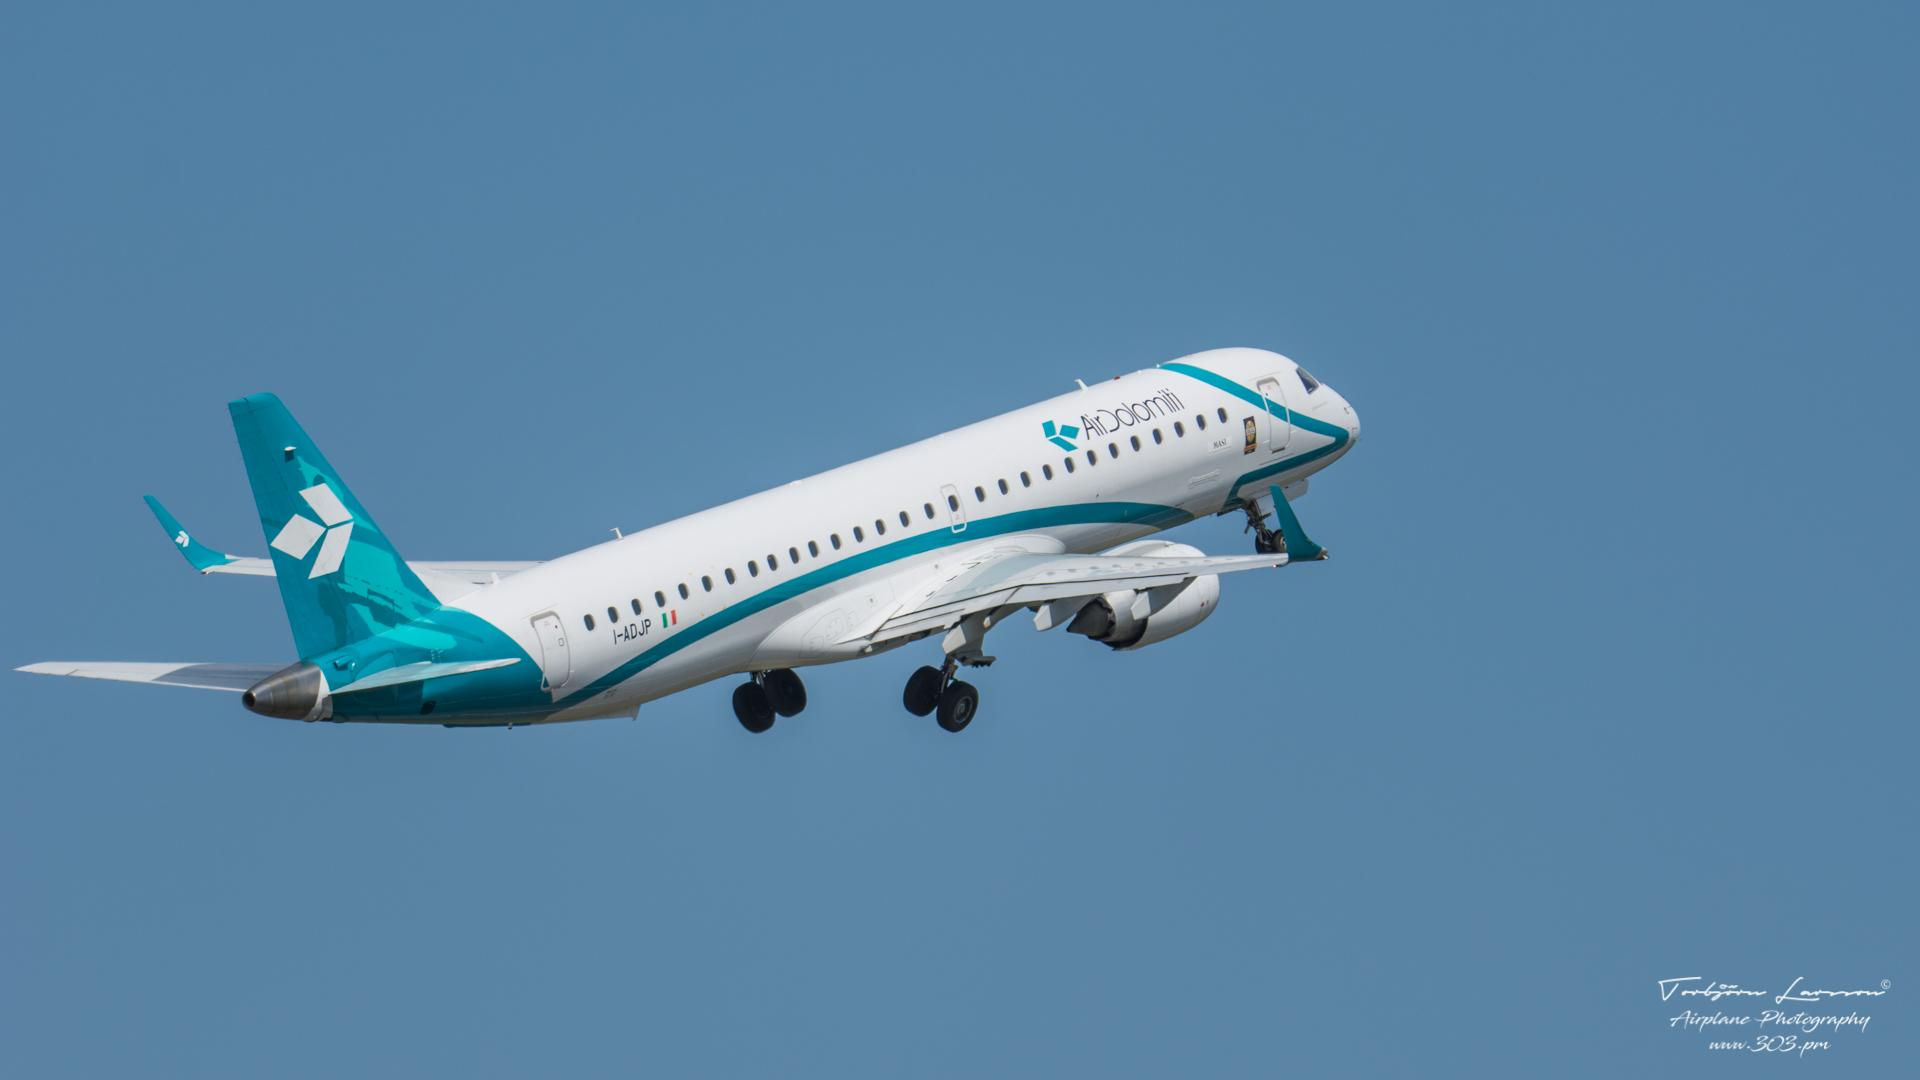 TBE_8306-Embraer Emb-195-200LR - Air Dolomiti - (I-ADJP)